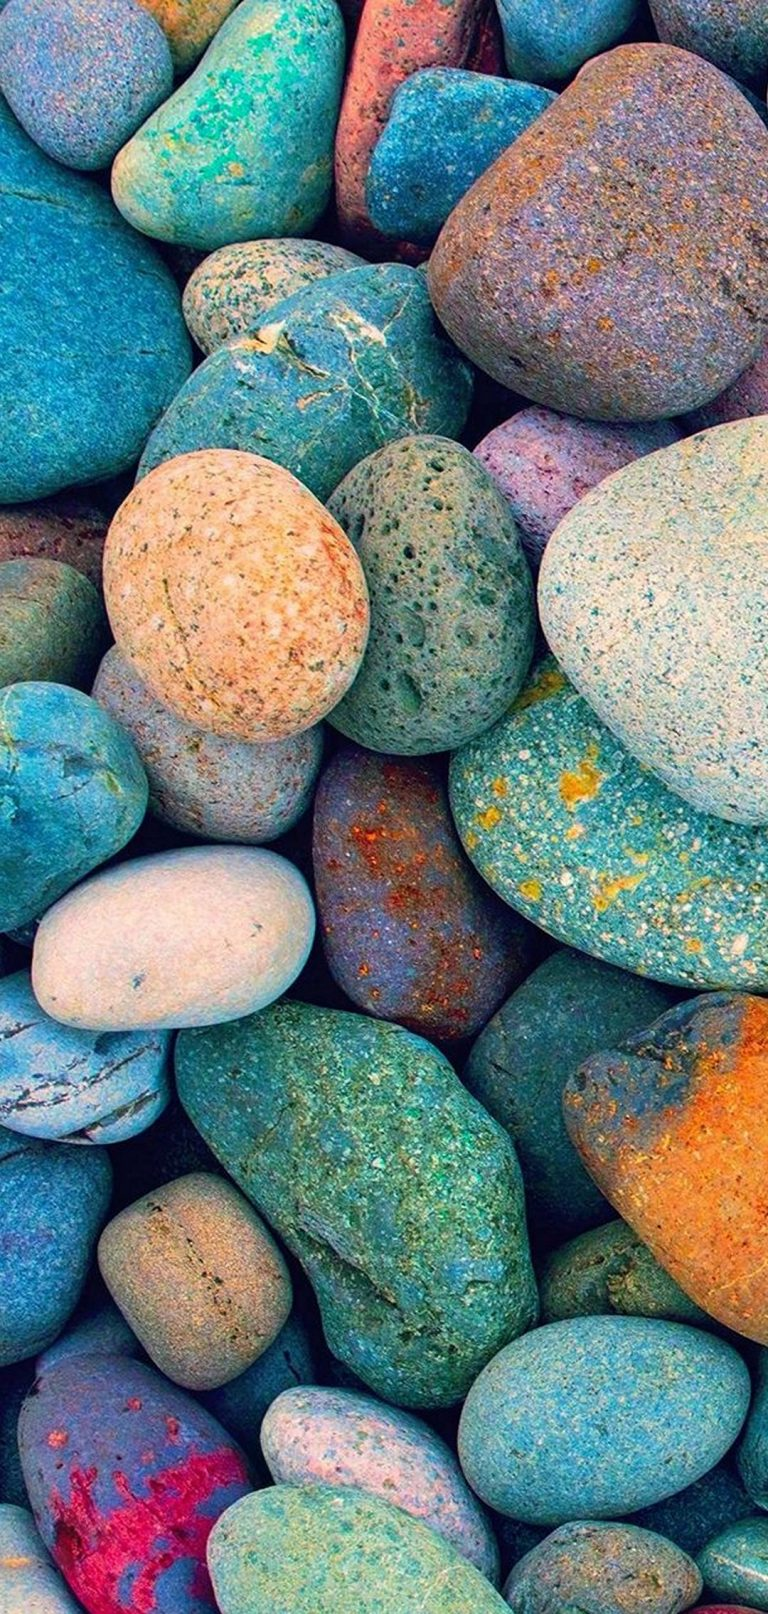 Multicolored Stones 1080x2270 768x1614